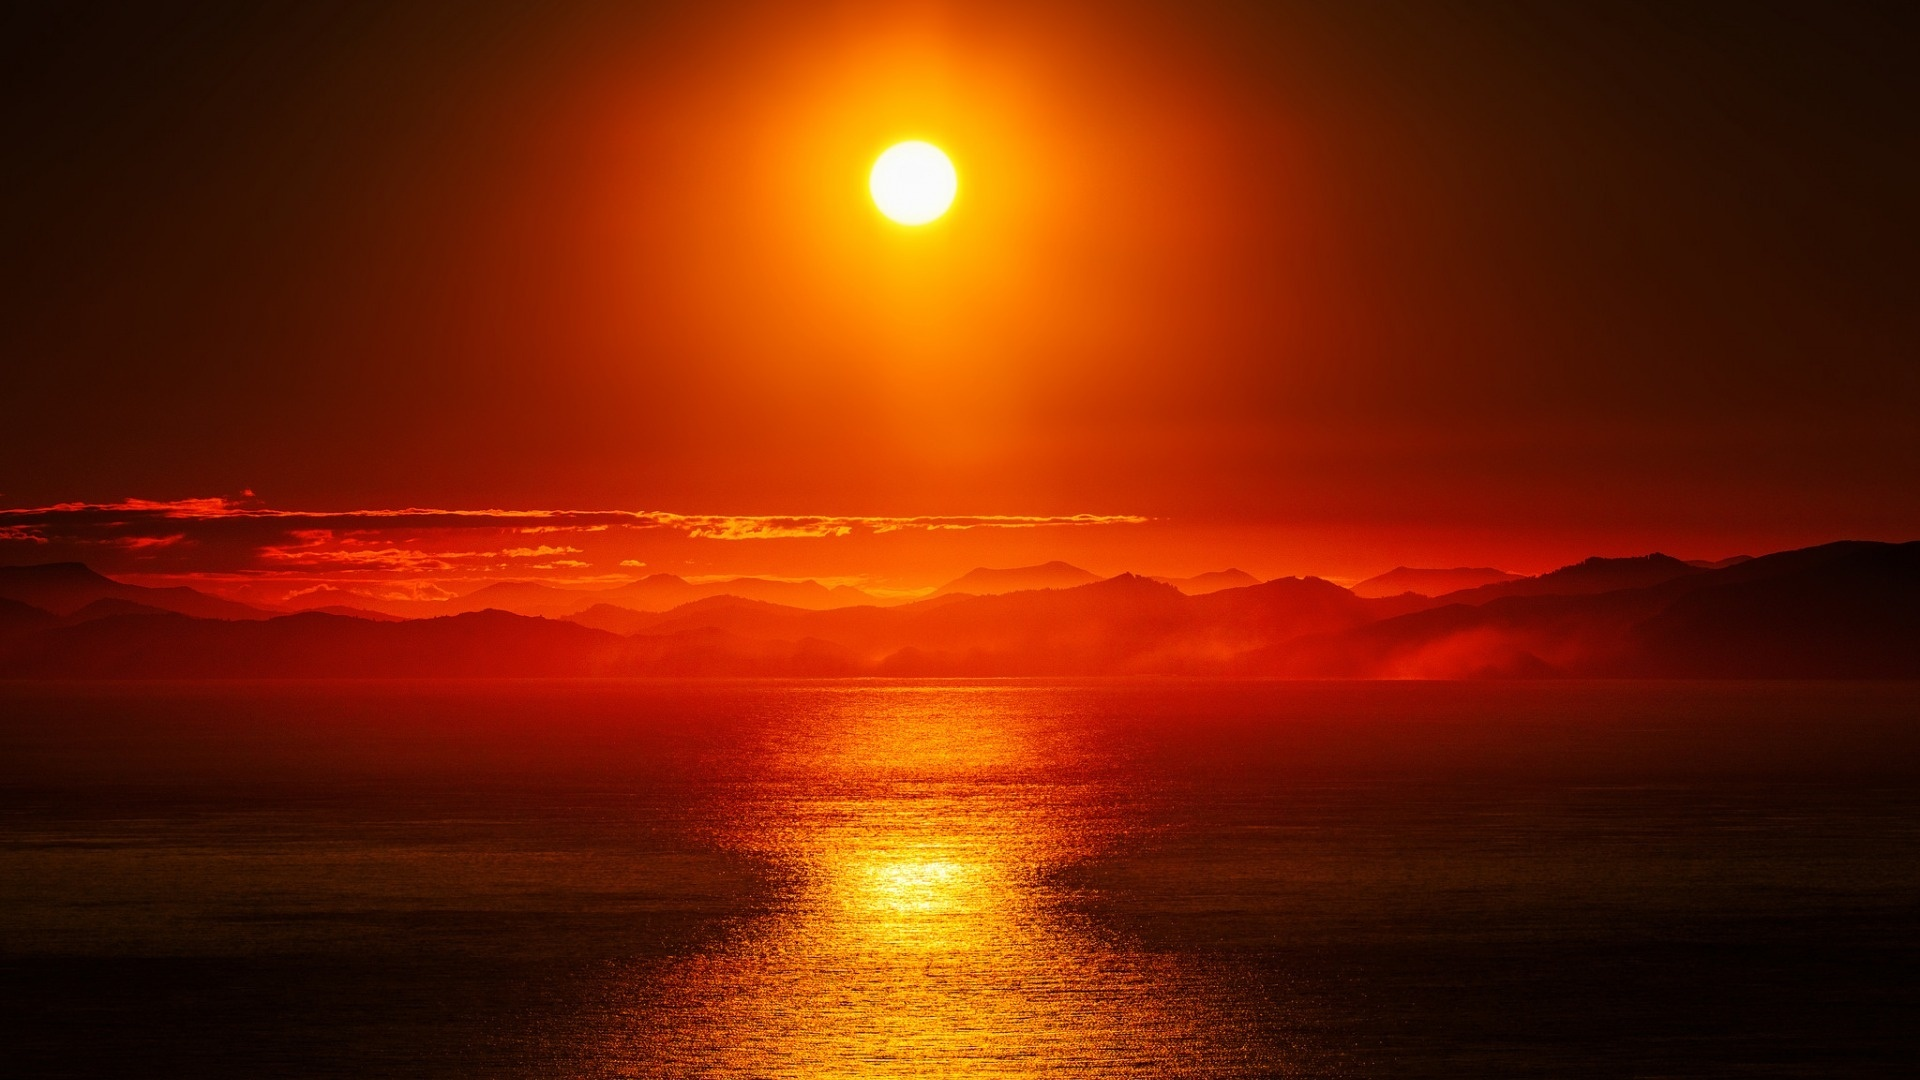 Sunset cool wallpaper